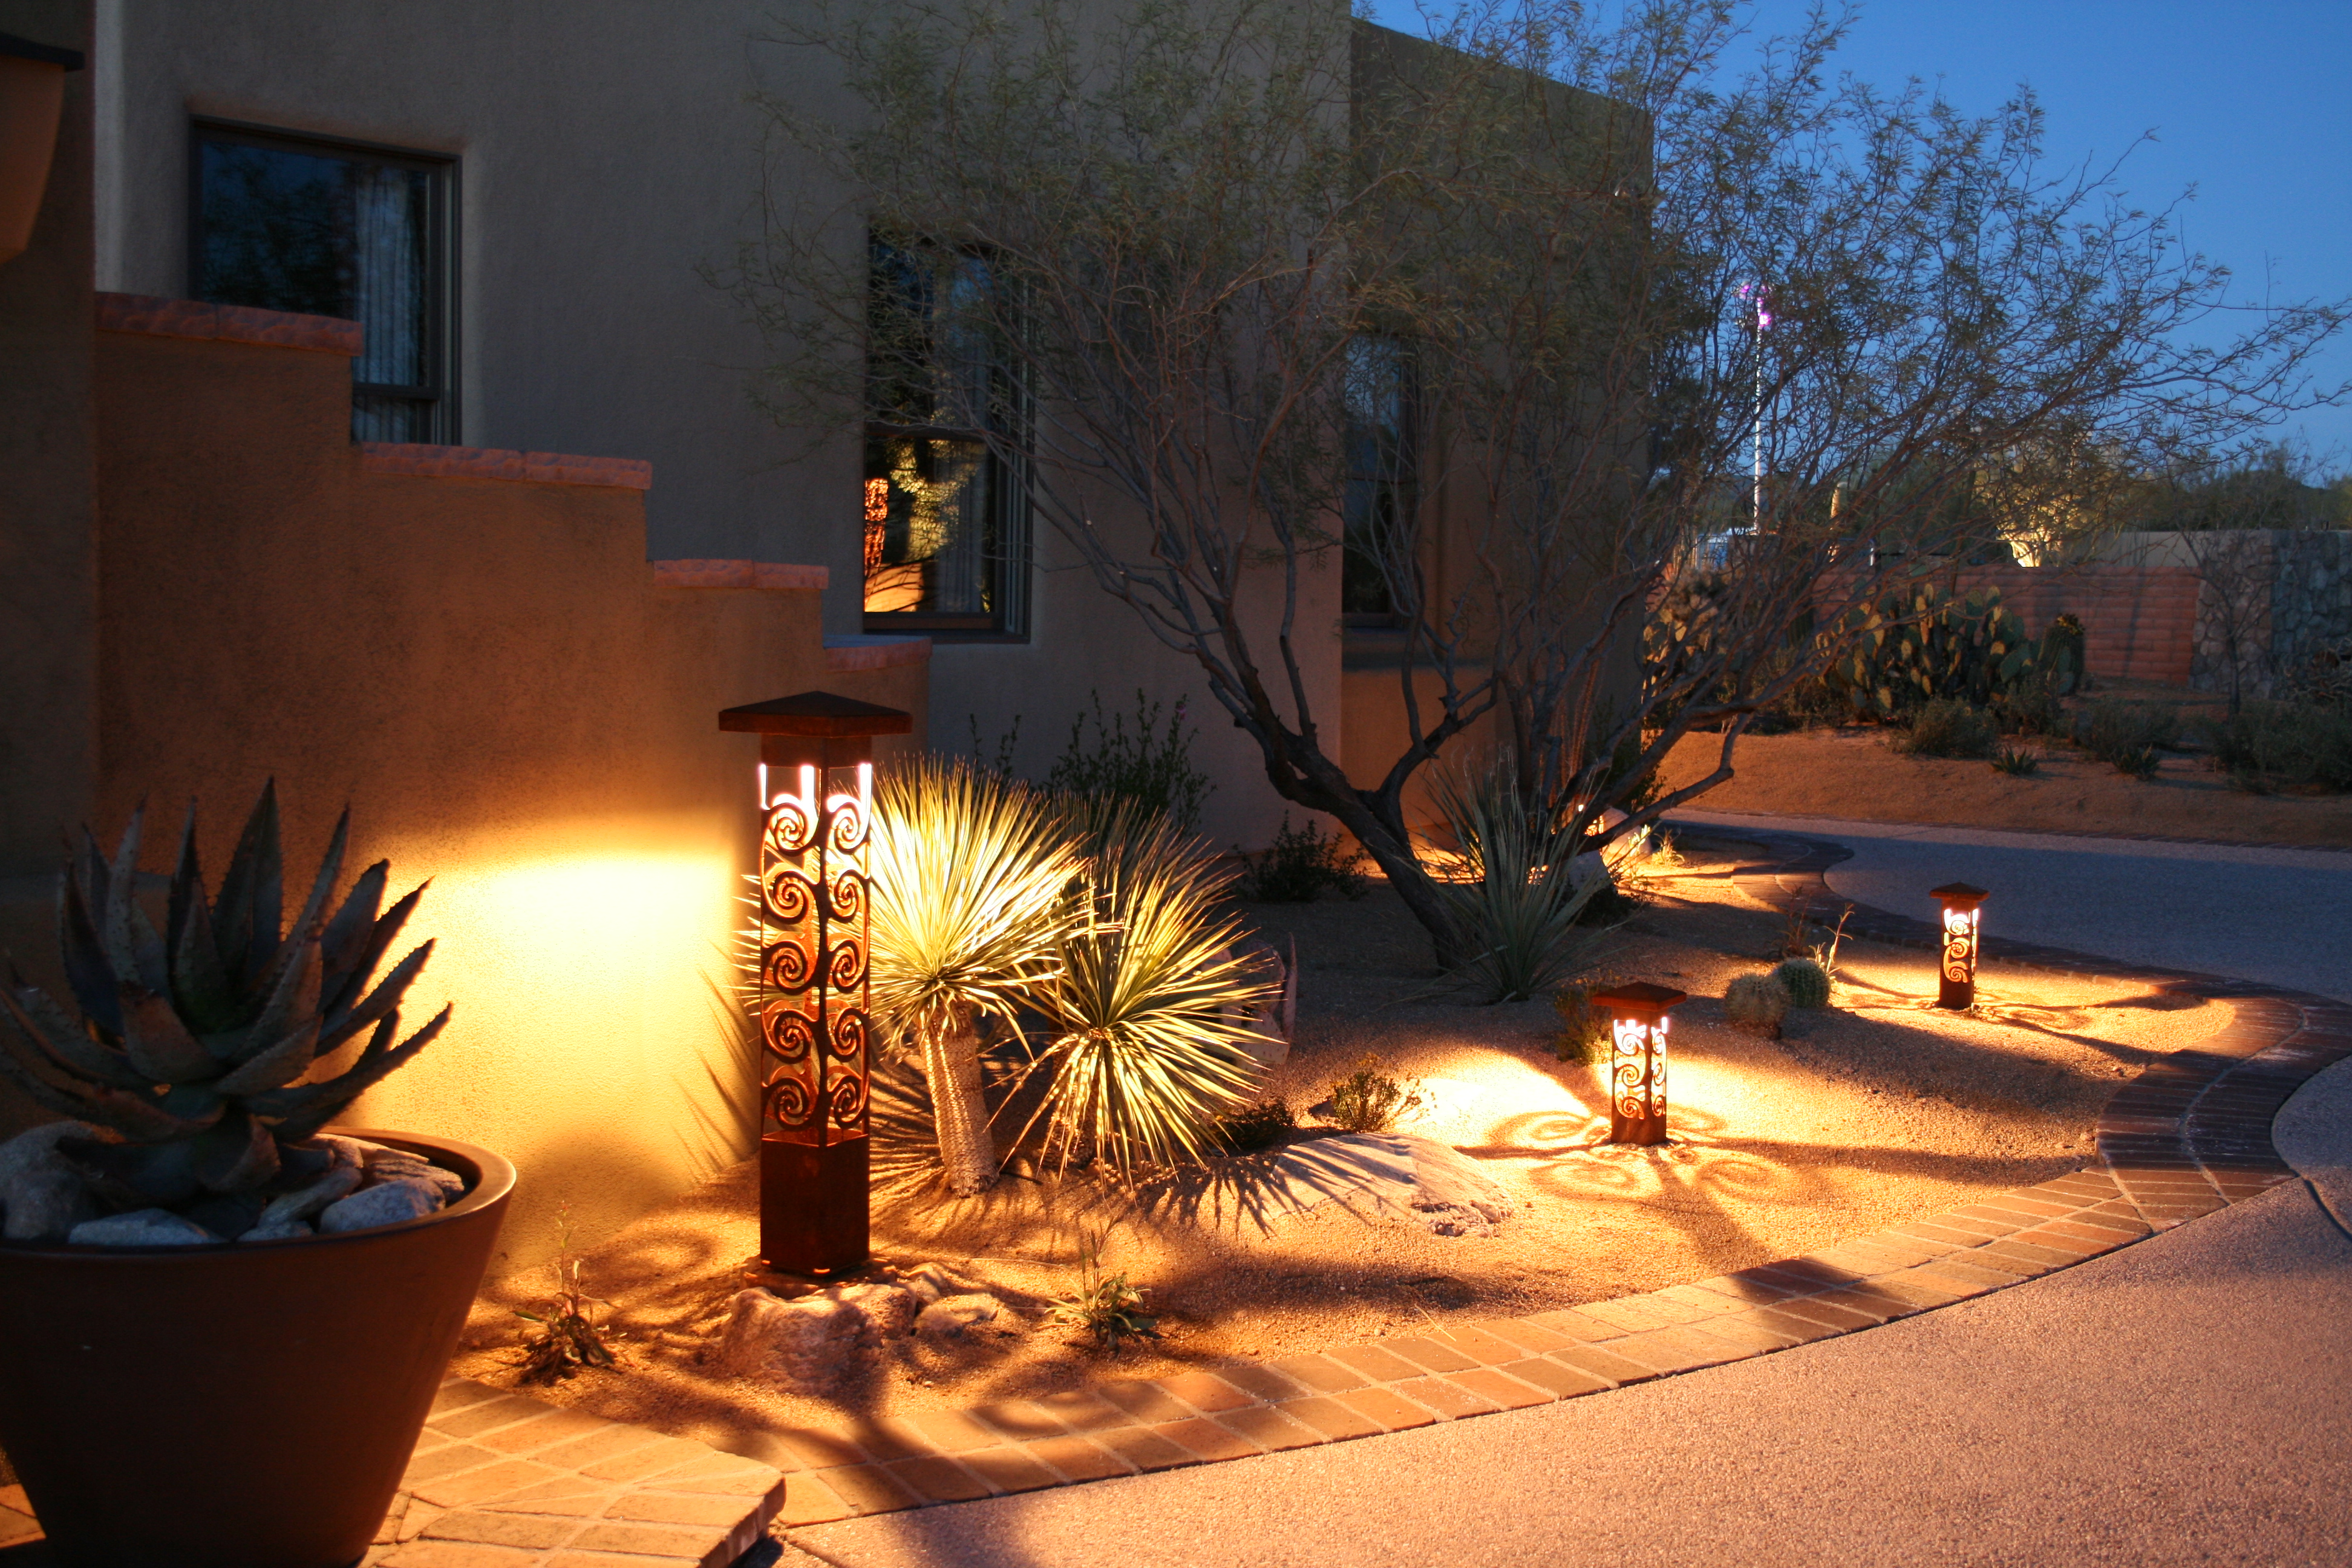 Outdoor Lighting Perspective Outdoor lighting perspectives phoenix sculpture lights outdoor sculpture lights outdoor lighting perspectives workwithnaturefo